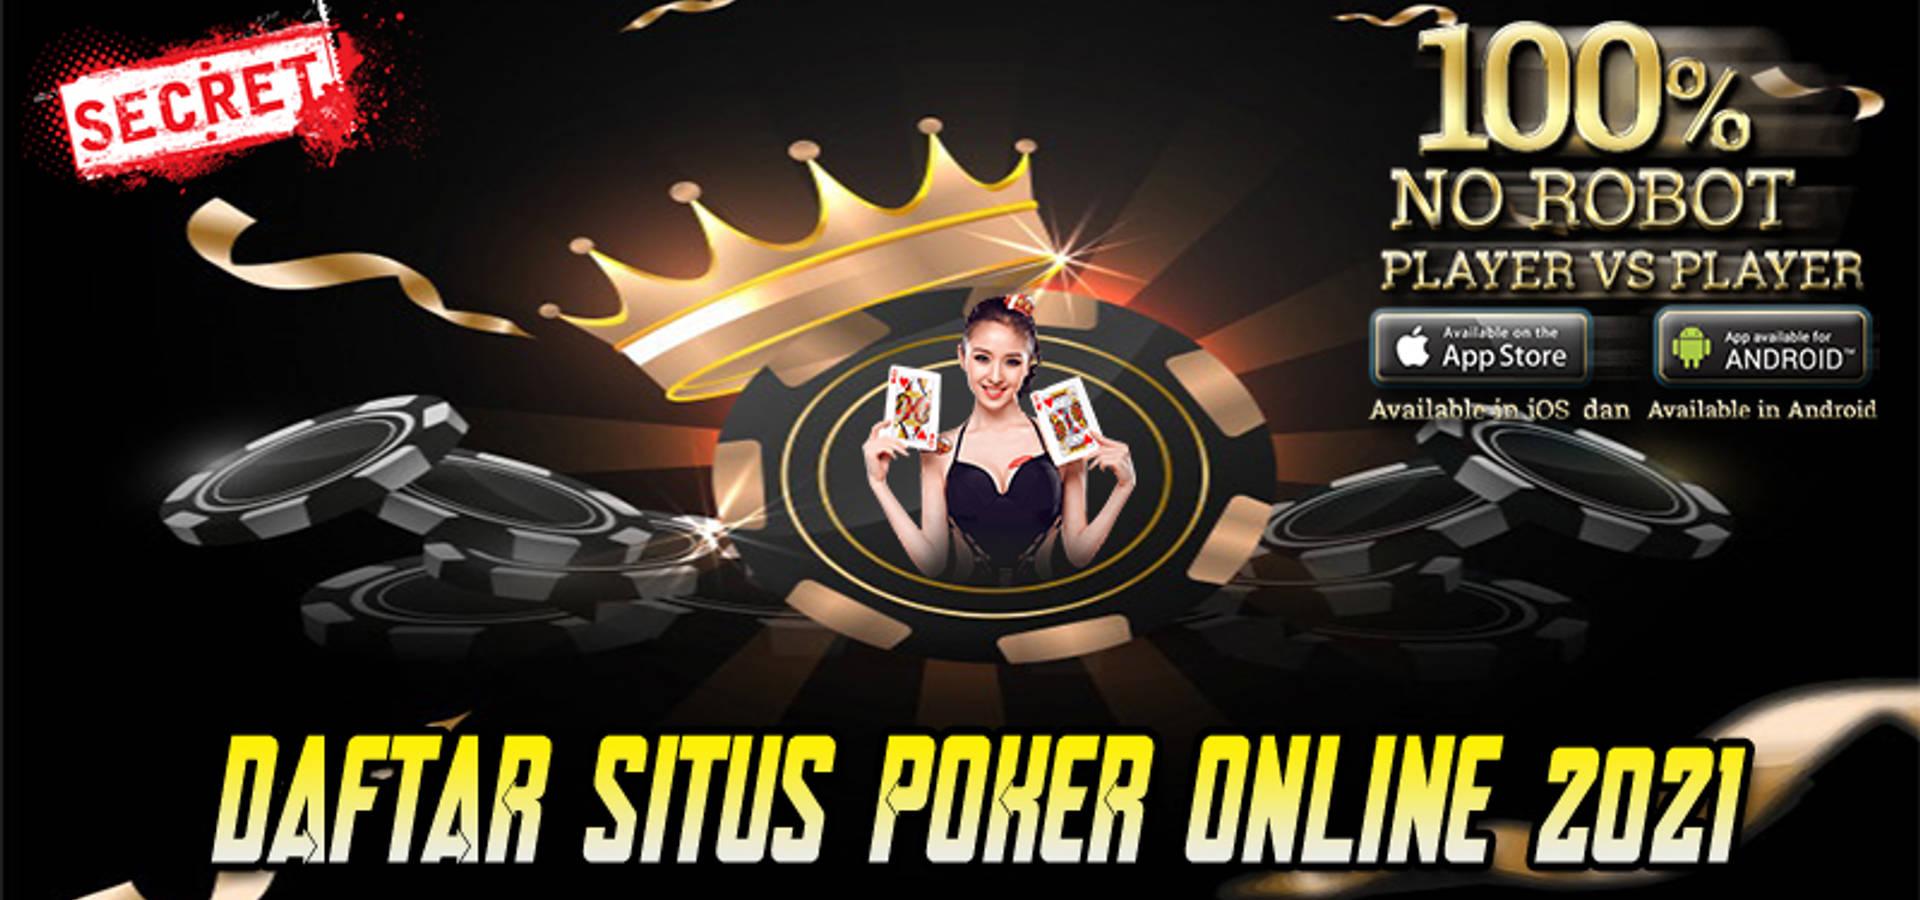 Daftar Situs Poker Online 2021 Terbaik Dan Terpercaya Homify